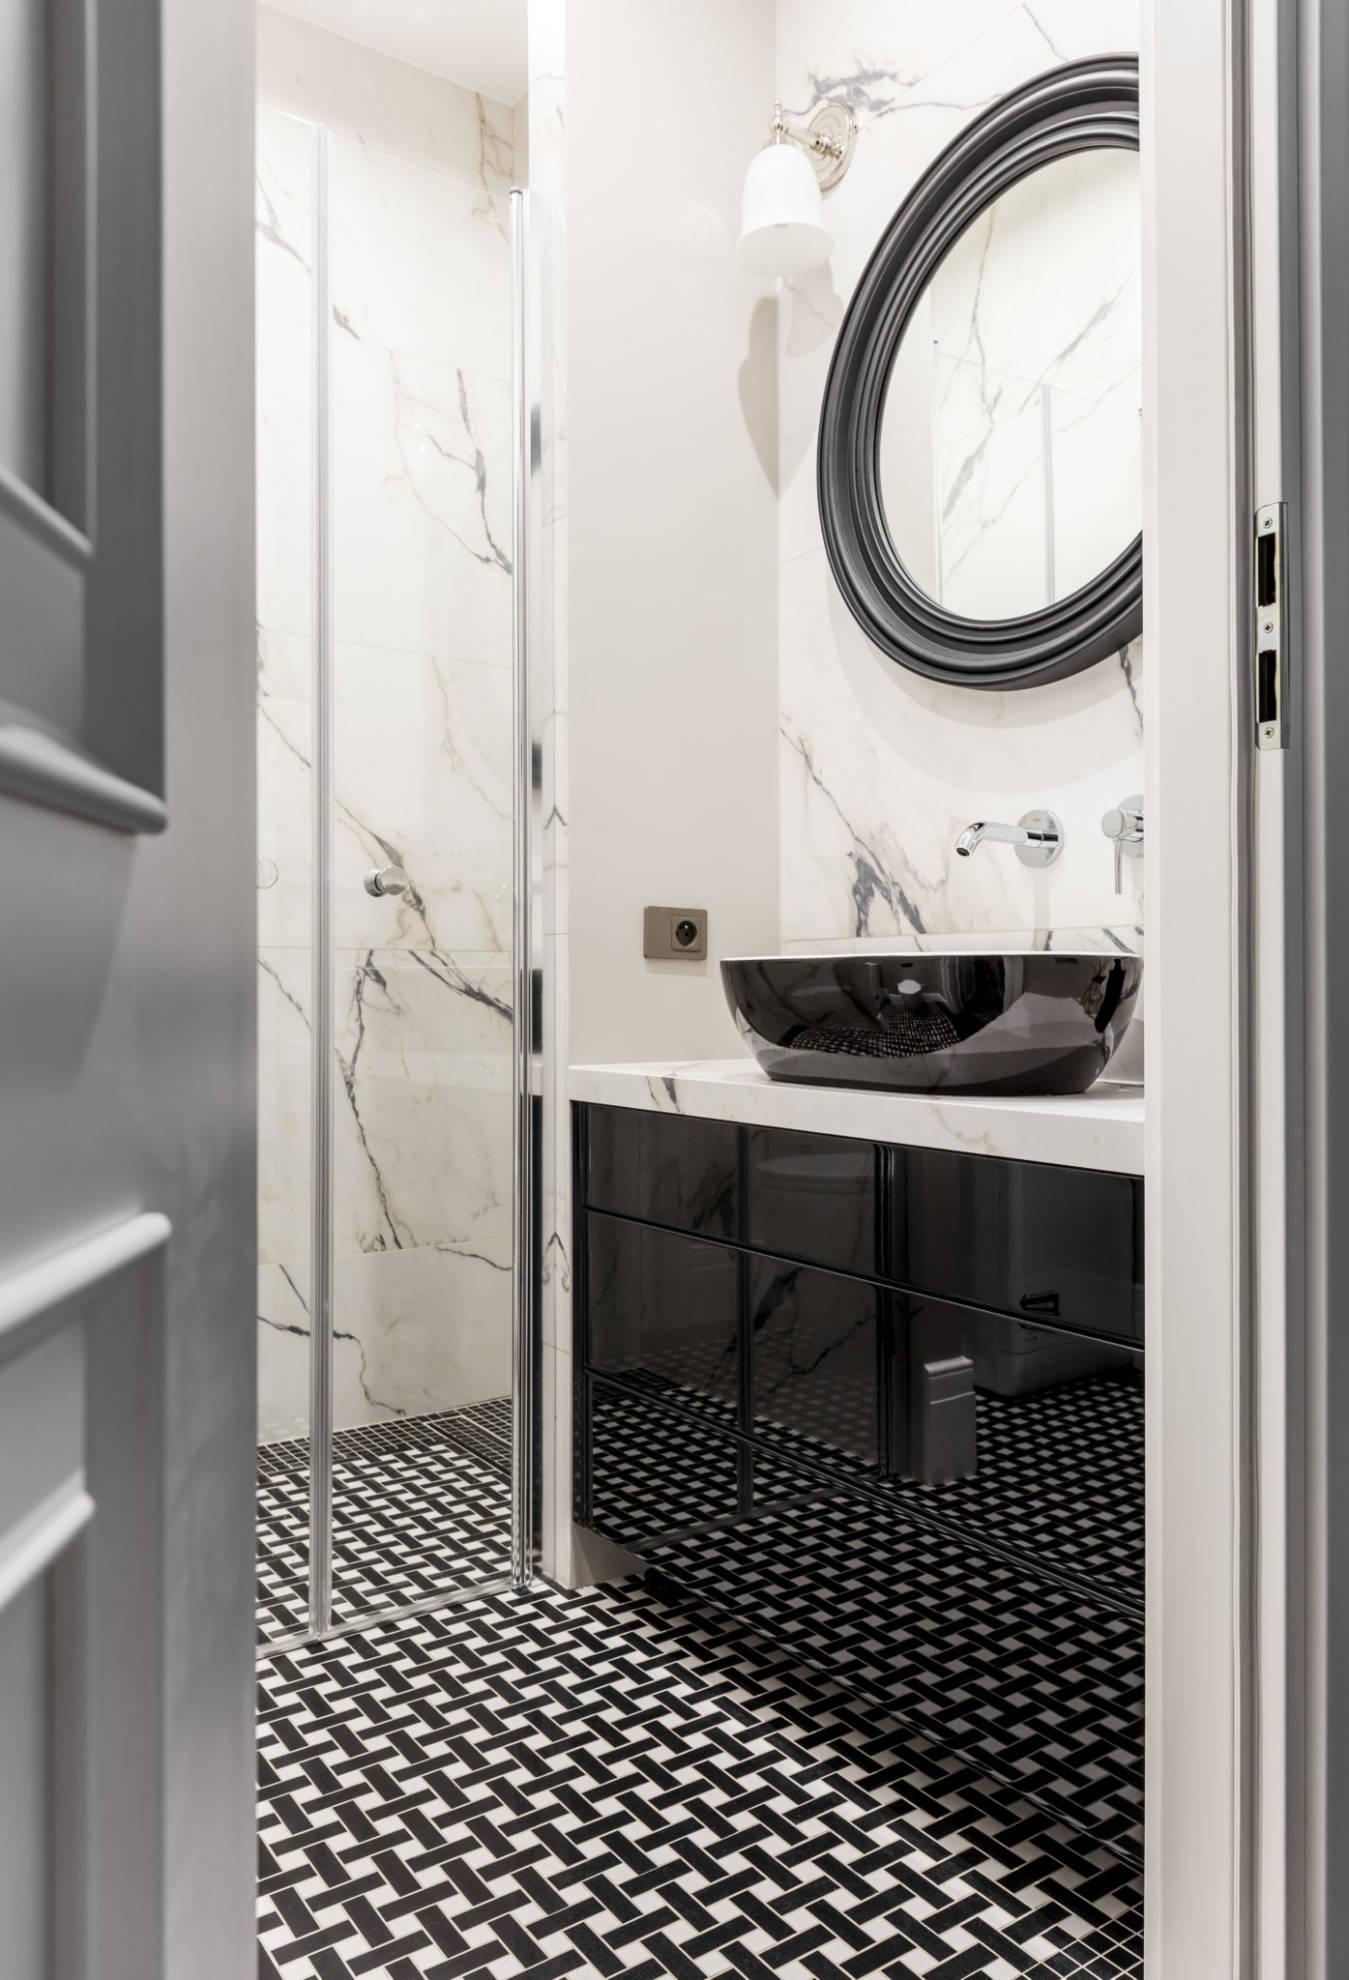 Aranżacja łazienki - projekt architekt wnętrz Emilia Strzempek Plasun, meble na wymiar SAS Wnętrza i Kuchnie